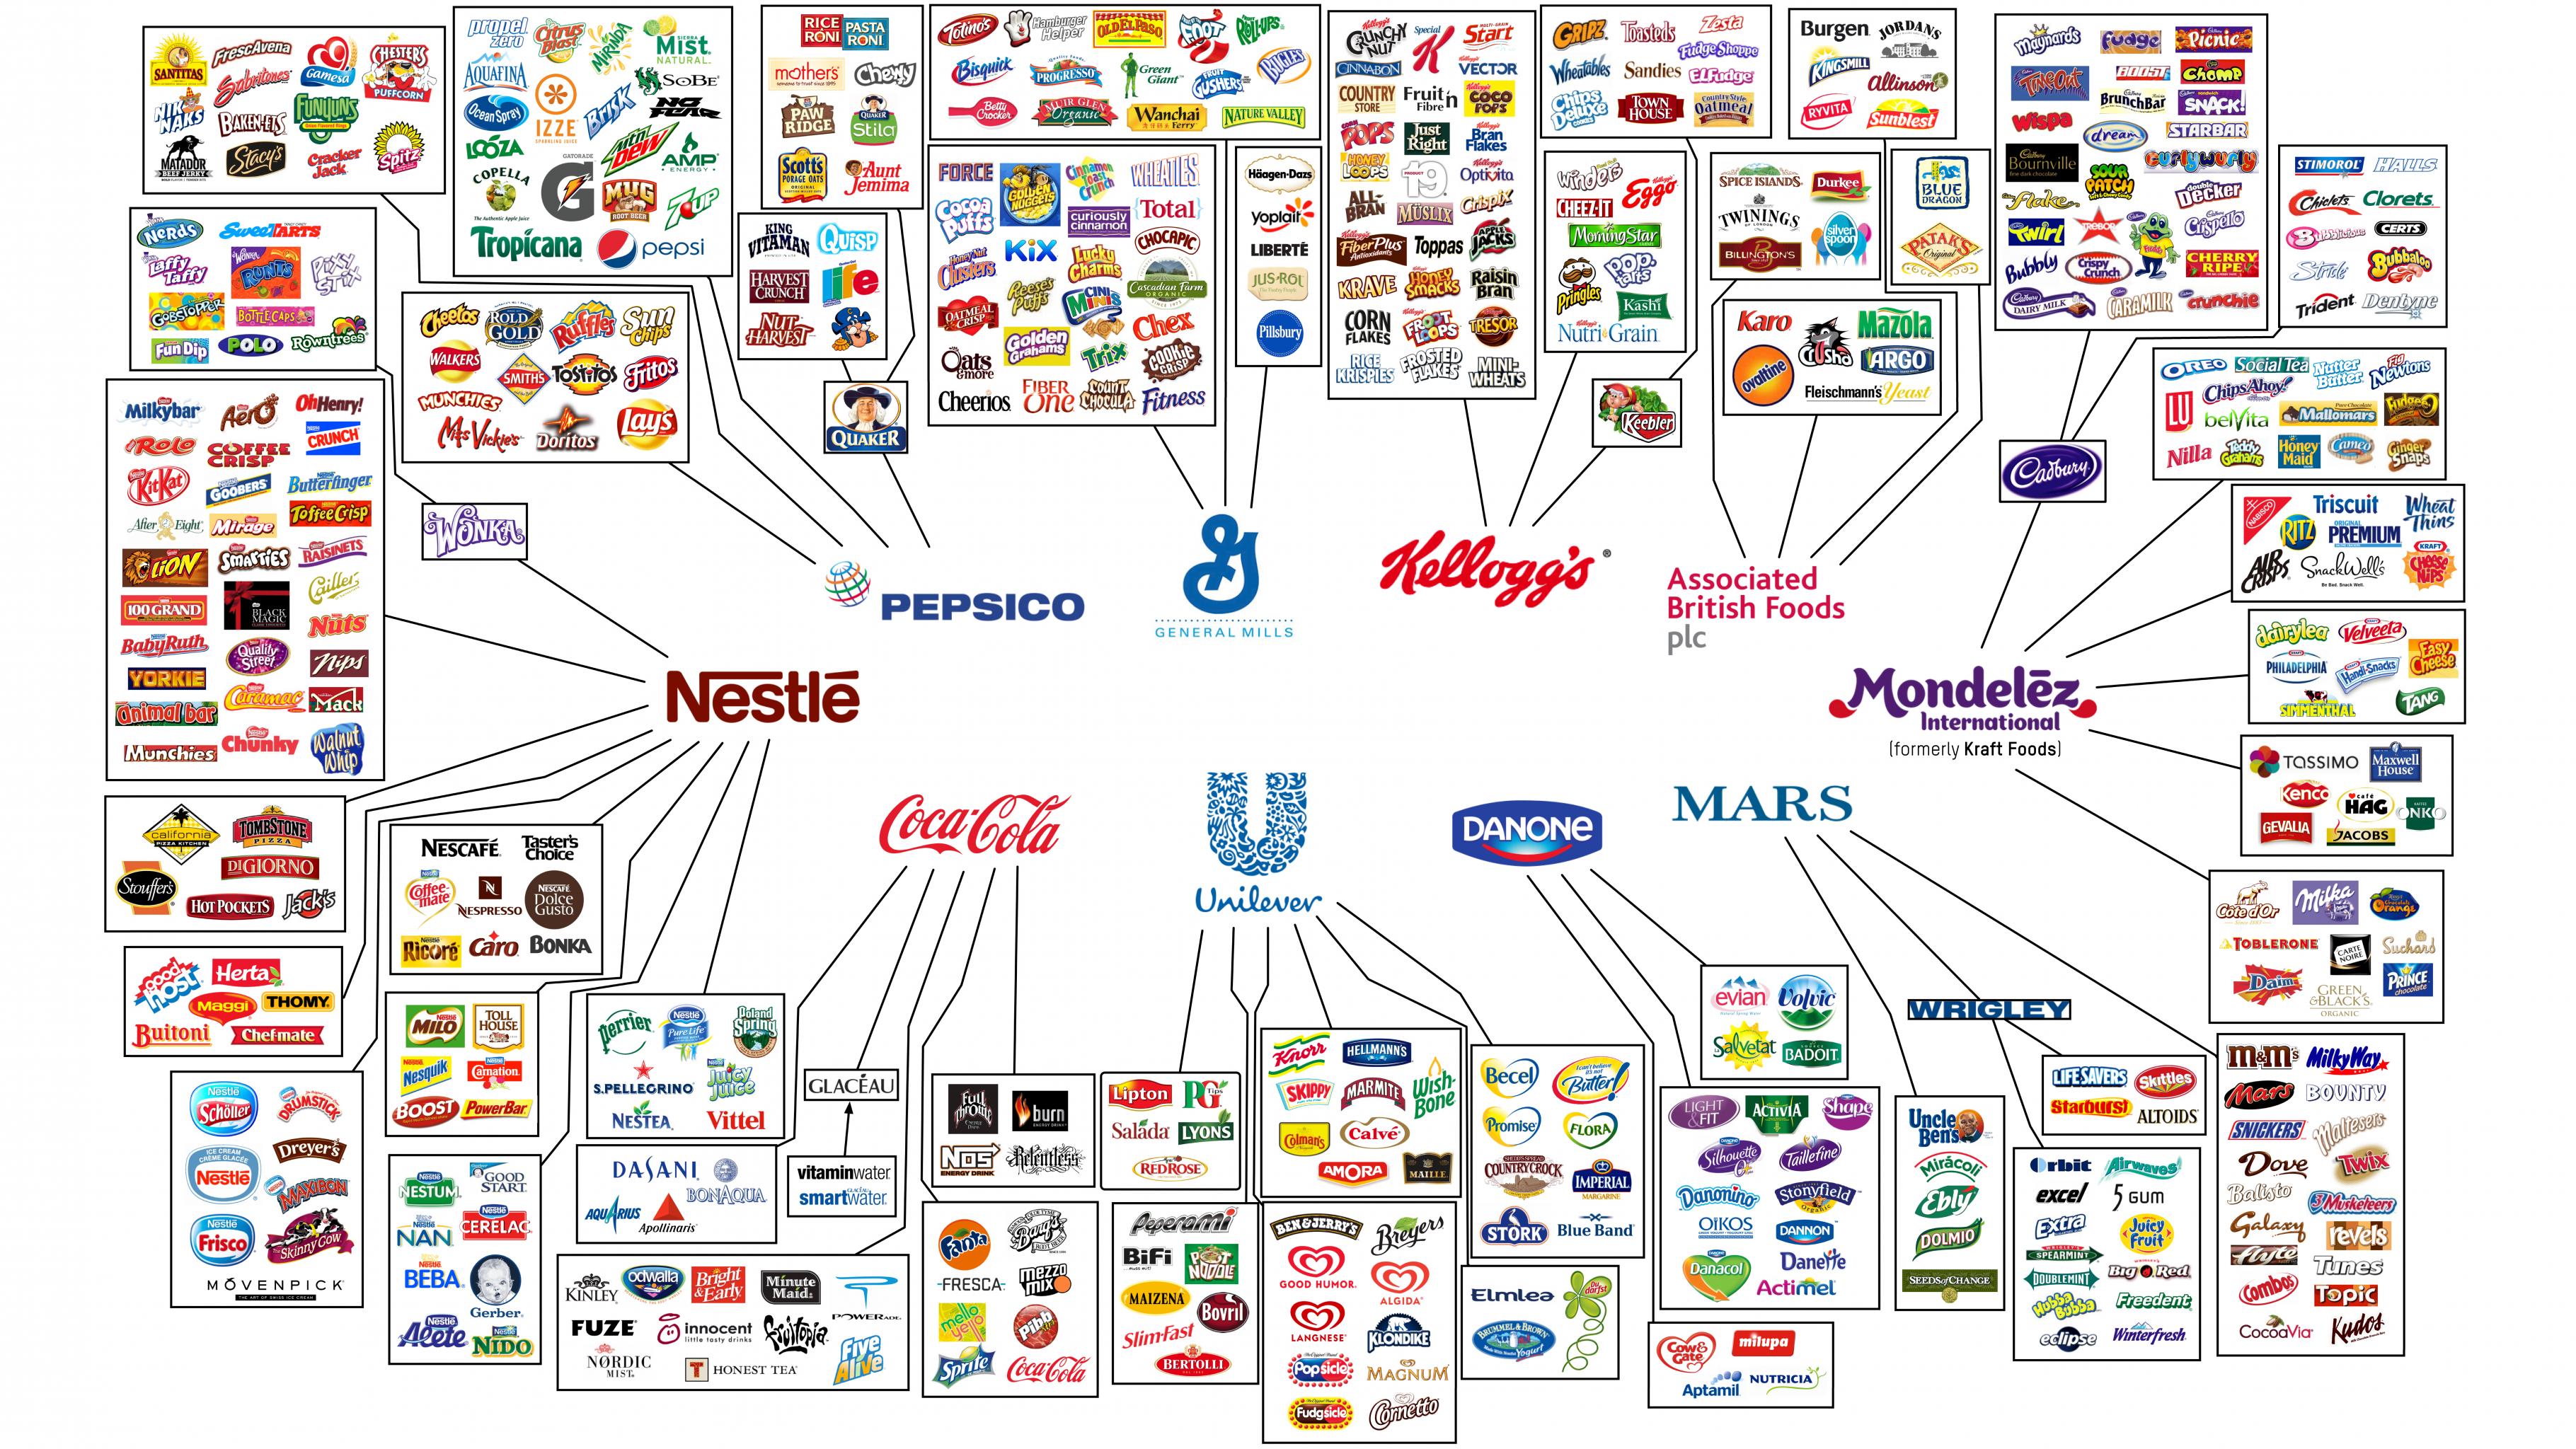 Zehn große Lebensmittelkonzerne besitzen viele der bekannten Lebensmittelmarken.